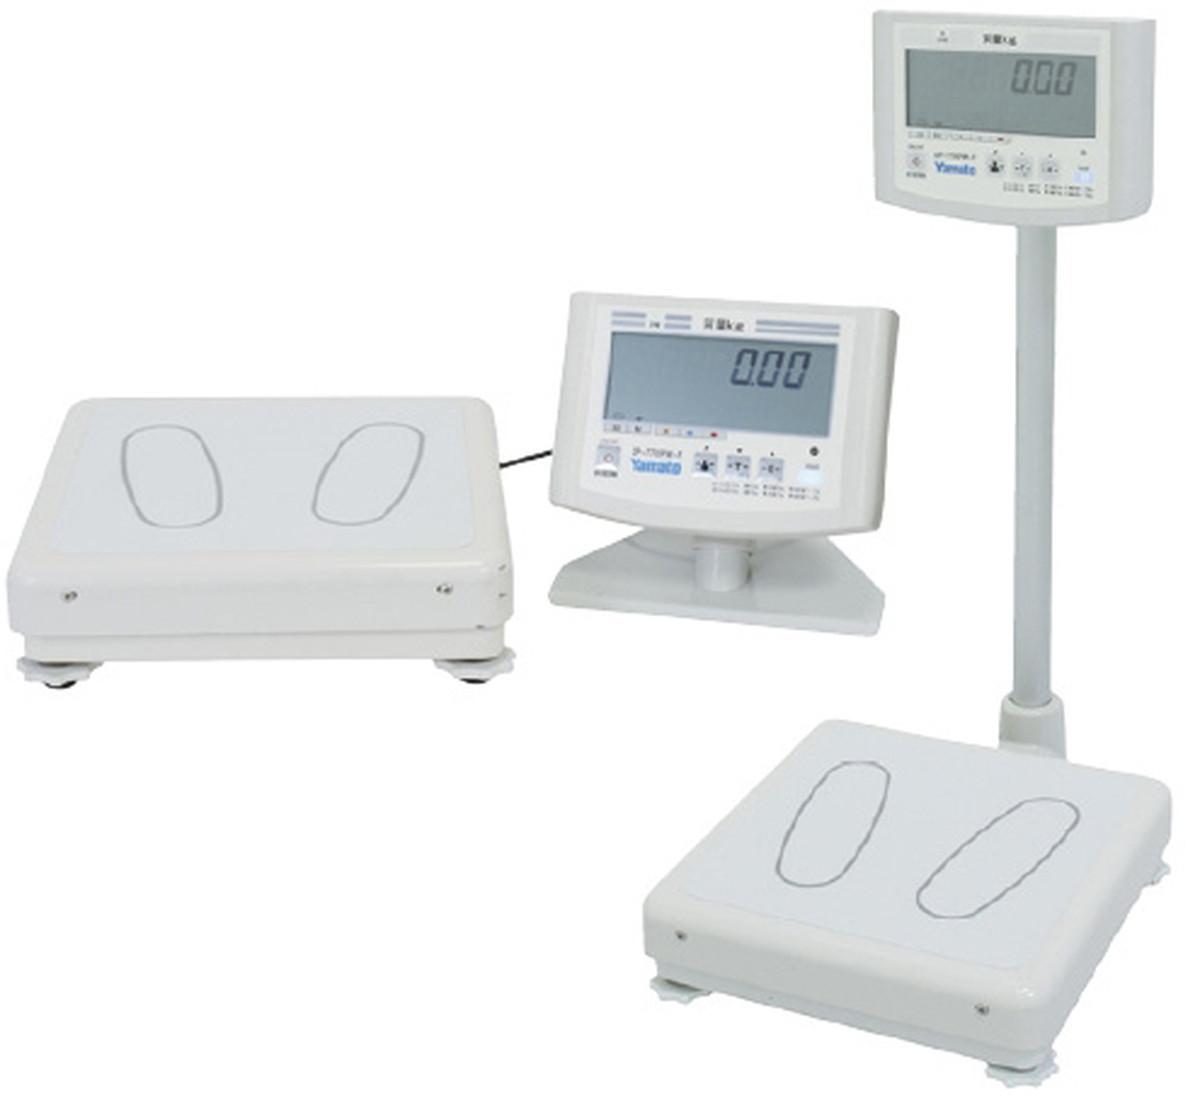 【送料無料】-デジタル体重計(検定品)一体型 DP-7700PW-F 品番 my24-4106-00-- 1入り-【MY医科器機】JAN 4979916832417